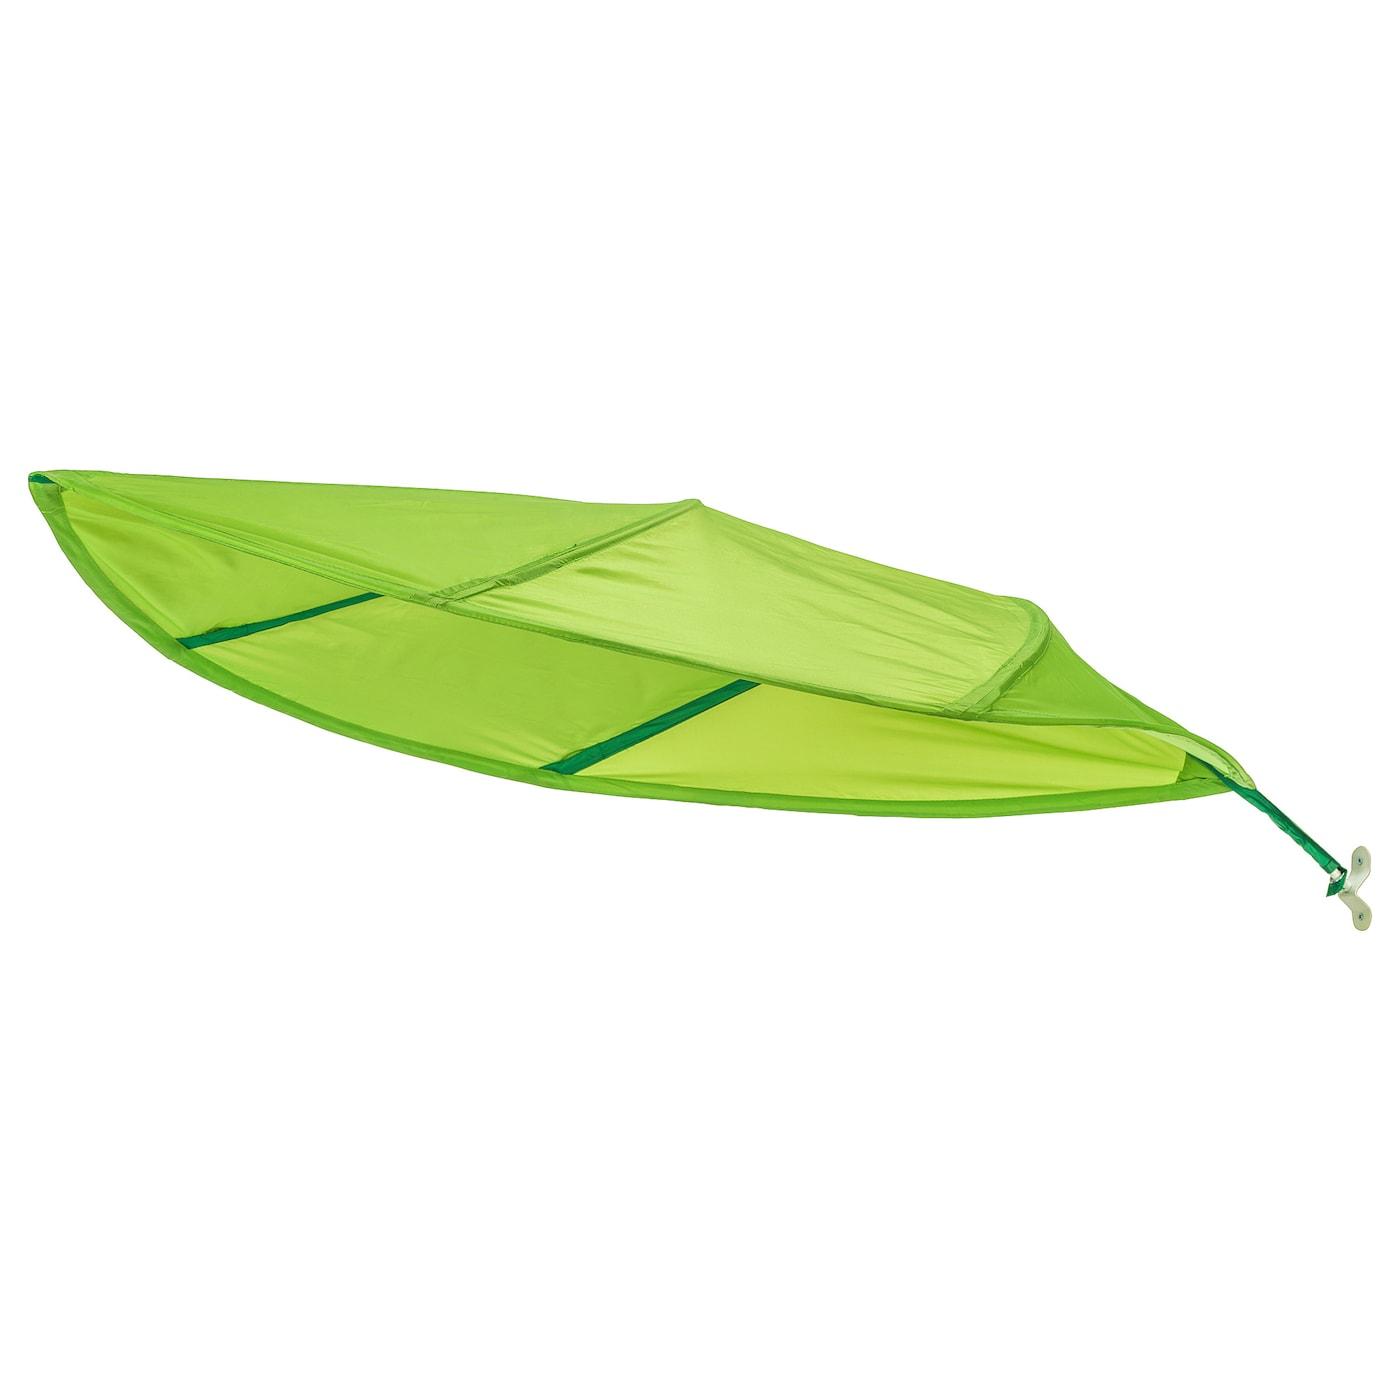 Lova Bed Canopy Green Ikea